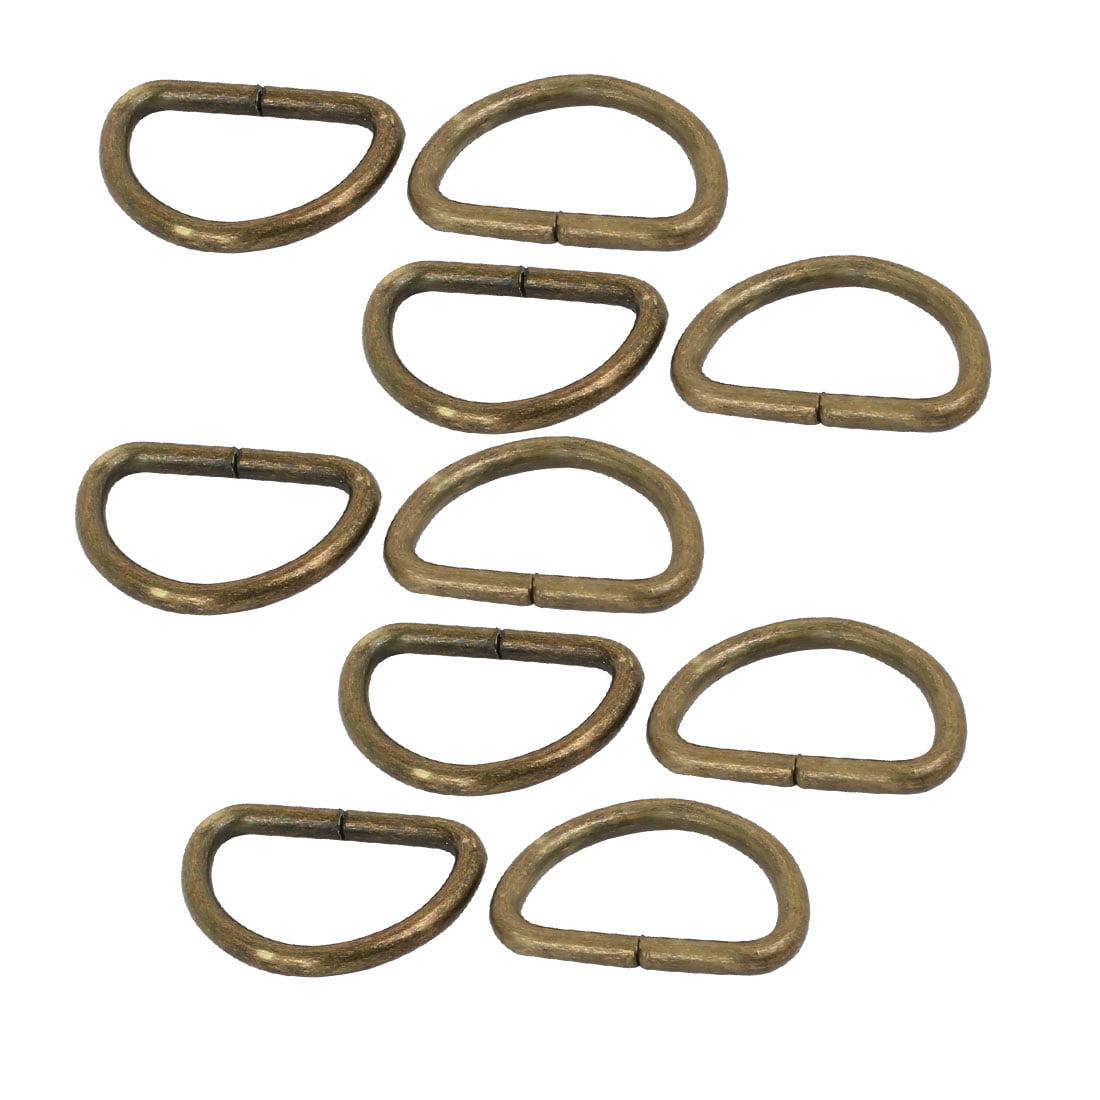 15mm Large interne Metal fer soudé non demi-ronde D permet ton bronze 10pcs - image 2 de 2